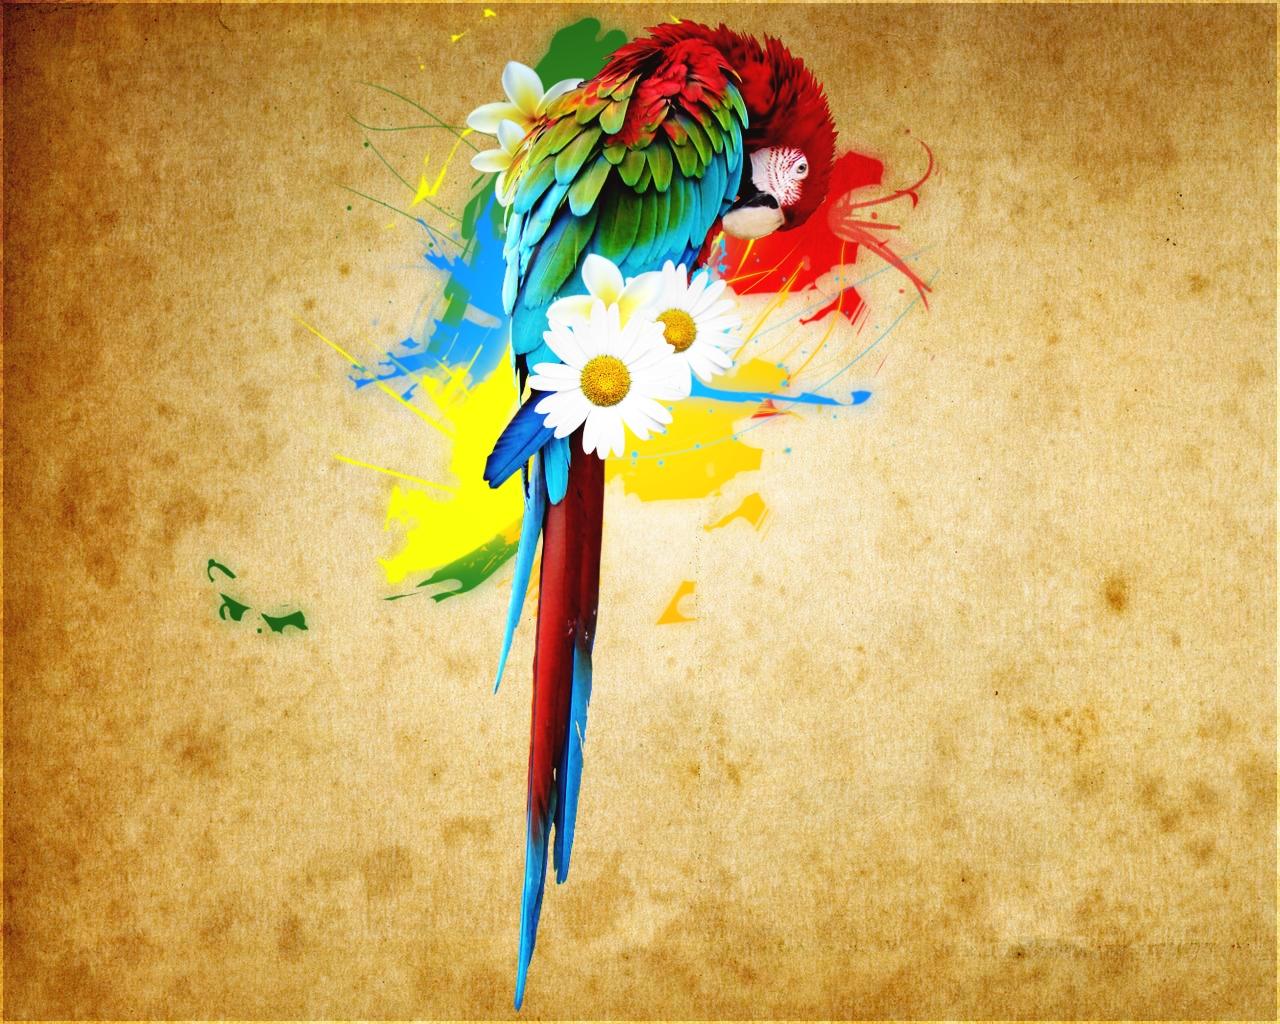 обои для рабочего стола, попугай, скачать фото, wallpaper, parrot